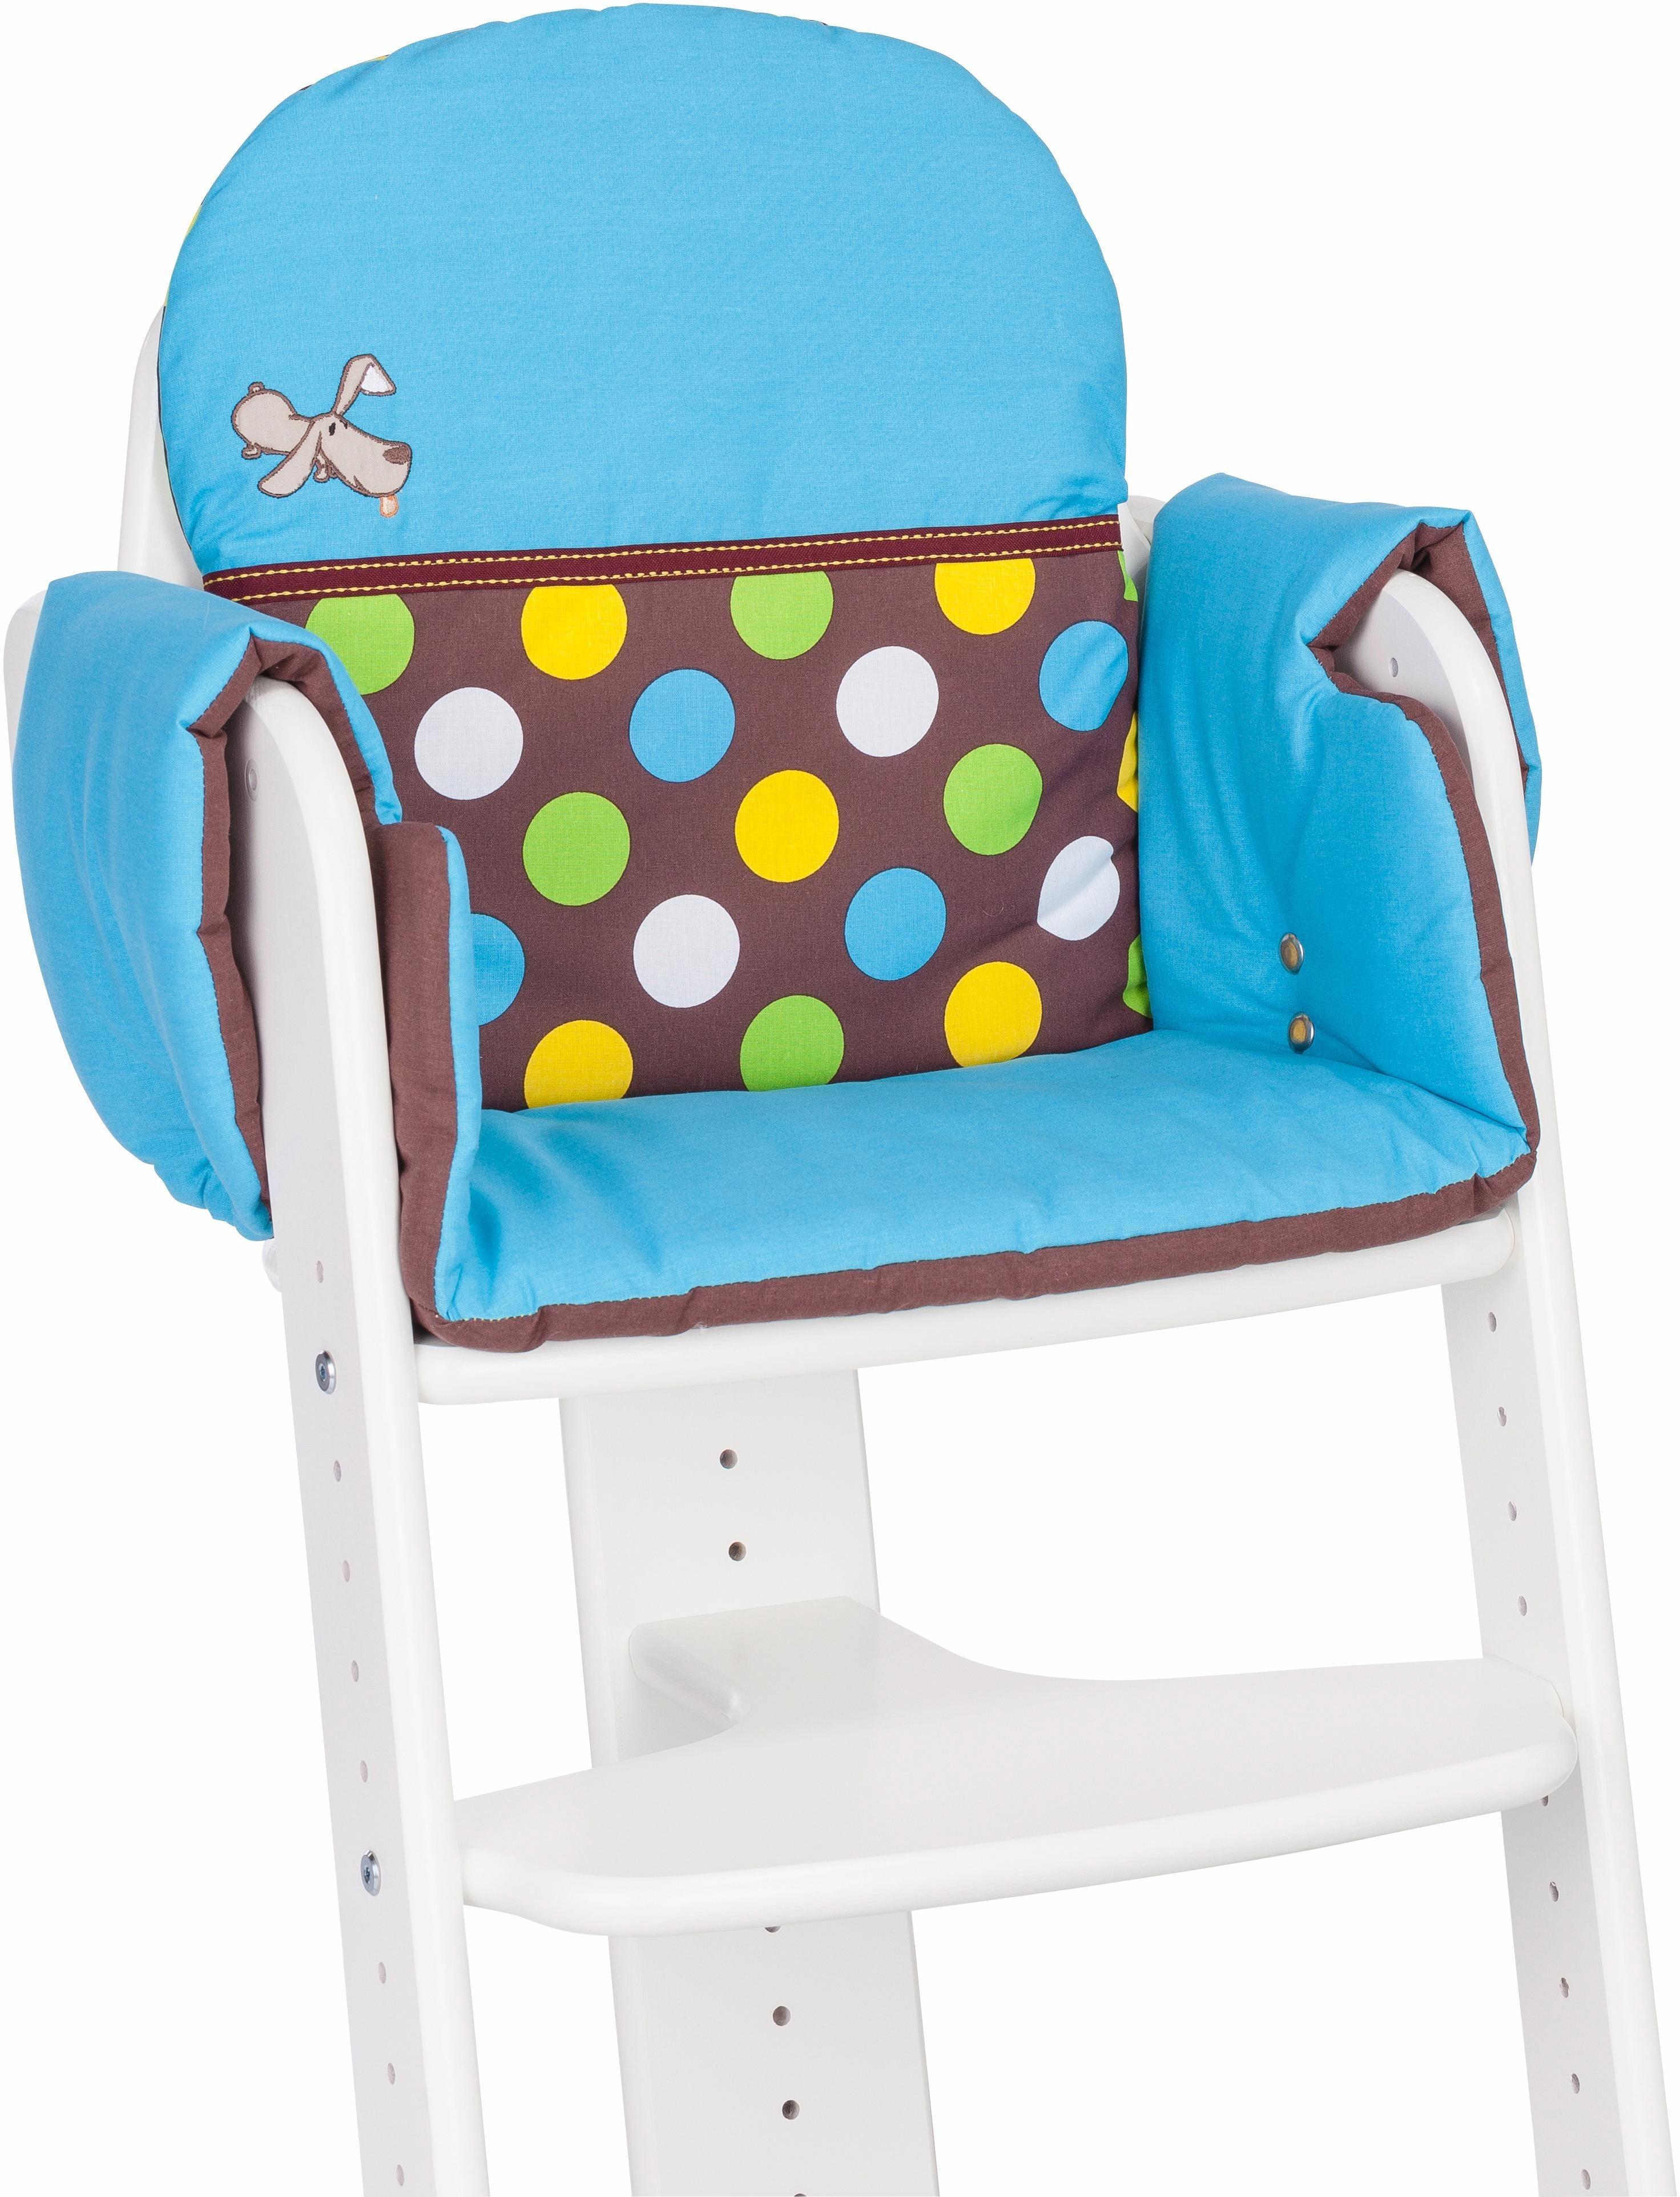 Herlag® Sitzpolster für Hochstuhl Tipp Topp IV, »Waldi«   Kinderzimmer > Kinderzimmerstühle > Hochstühle   Herlag